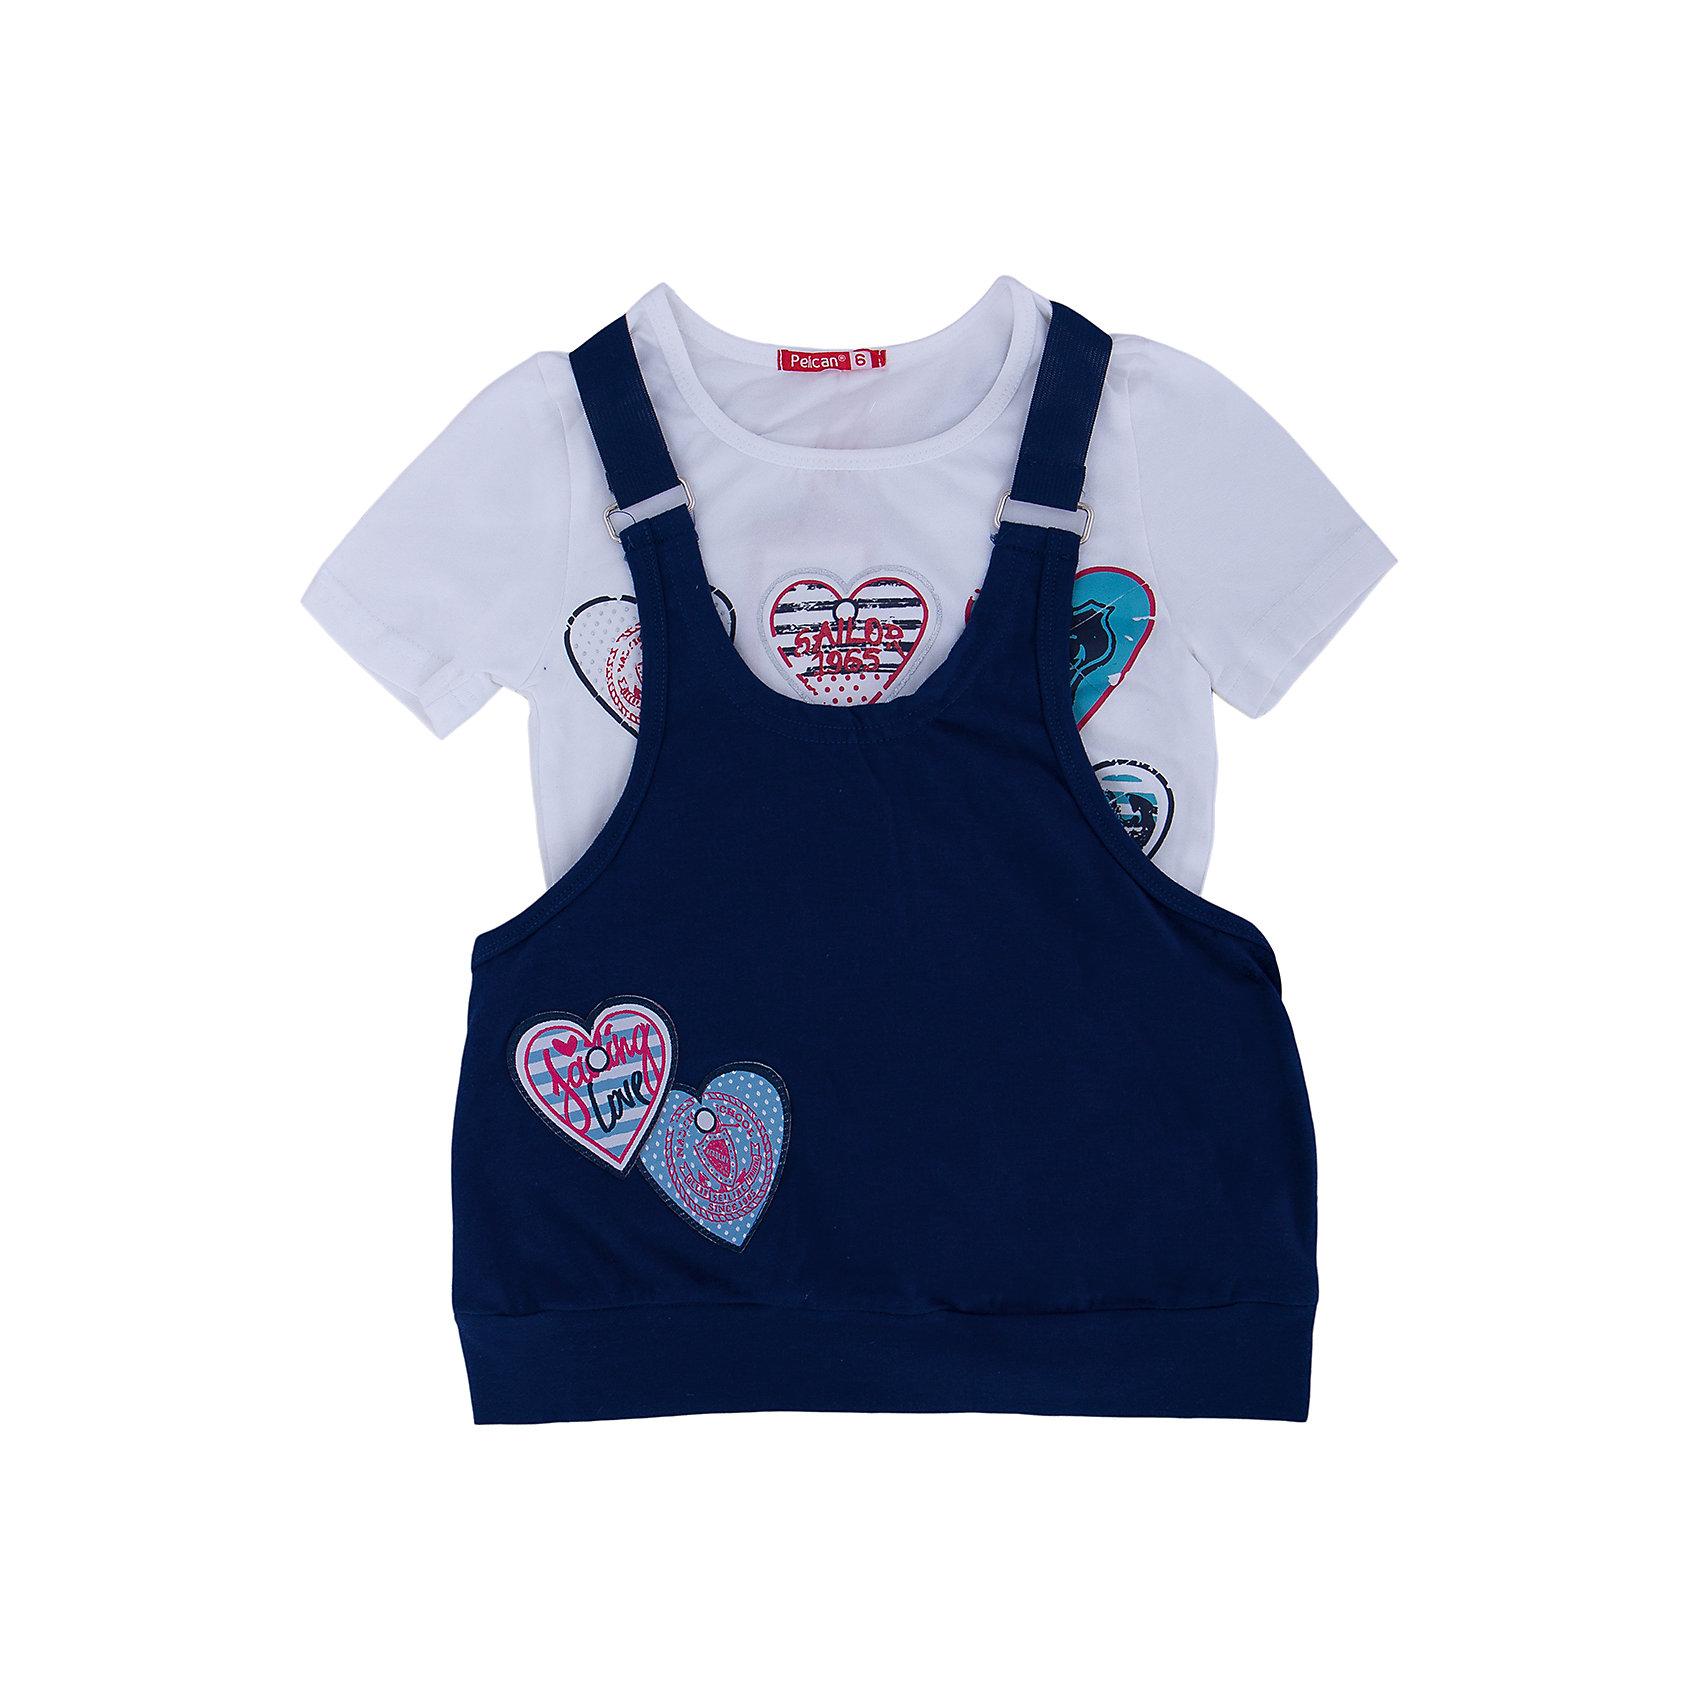 Комплект: футболка и туника для девочки PELICANКомплекты<br>Многослойность - на пике моды! Модный комплект состоит из туники и футболки. Удобные вещи помогут разнообразить гардероб ребенка, создать подходящий погоде ансамбль. Удобный крой и качественный материал обеспечат ребенку комфорт при ношении этих вещей. <br>Туника очень стильно смотрится благодаря актуальной в этот сезоне расцветке. Футболка - с модным принтом и короткими рукавами. Материал - легкий, отлично подходит для лета, состоит преимущественно из дышащего натурального хлопка. Очень приятен на ощупь, не вызывает аллергии.<br><br>Дополнительная информация:<br><br>материал: 93% хлопок, 7% эластан;<br>цвет: синий;<br>с принтом;<br>рукава короткие.<br><br>Комплект для девочки от бренда PELICAN (Пеликан) можно купить в нашем магазине.<br><br>Ширина мм: 199<br>Глубина мм: 10<br>Высота мм: 161<br>Вес г: 151<br>Цвет: синий<br>Возраст от месяцев: 60<br>Возраст до месяцев: 72<br>Пол: Женский<br>Возраст: Детский<br>Размер: 116,128,122<br>SKU: 4804934